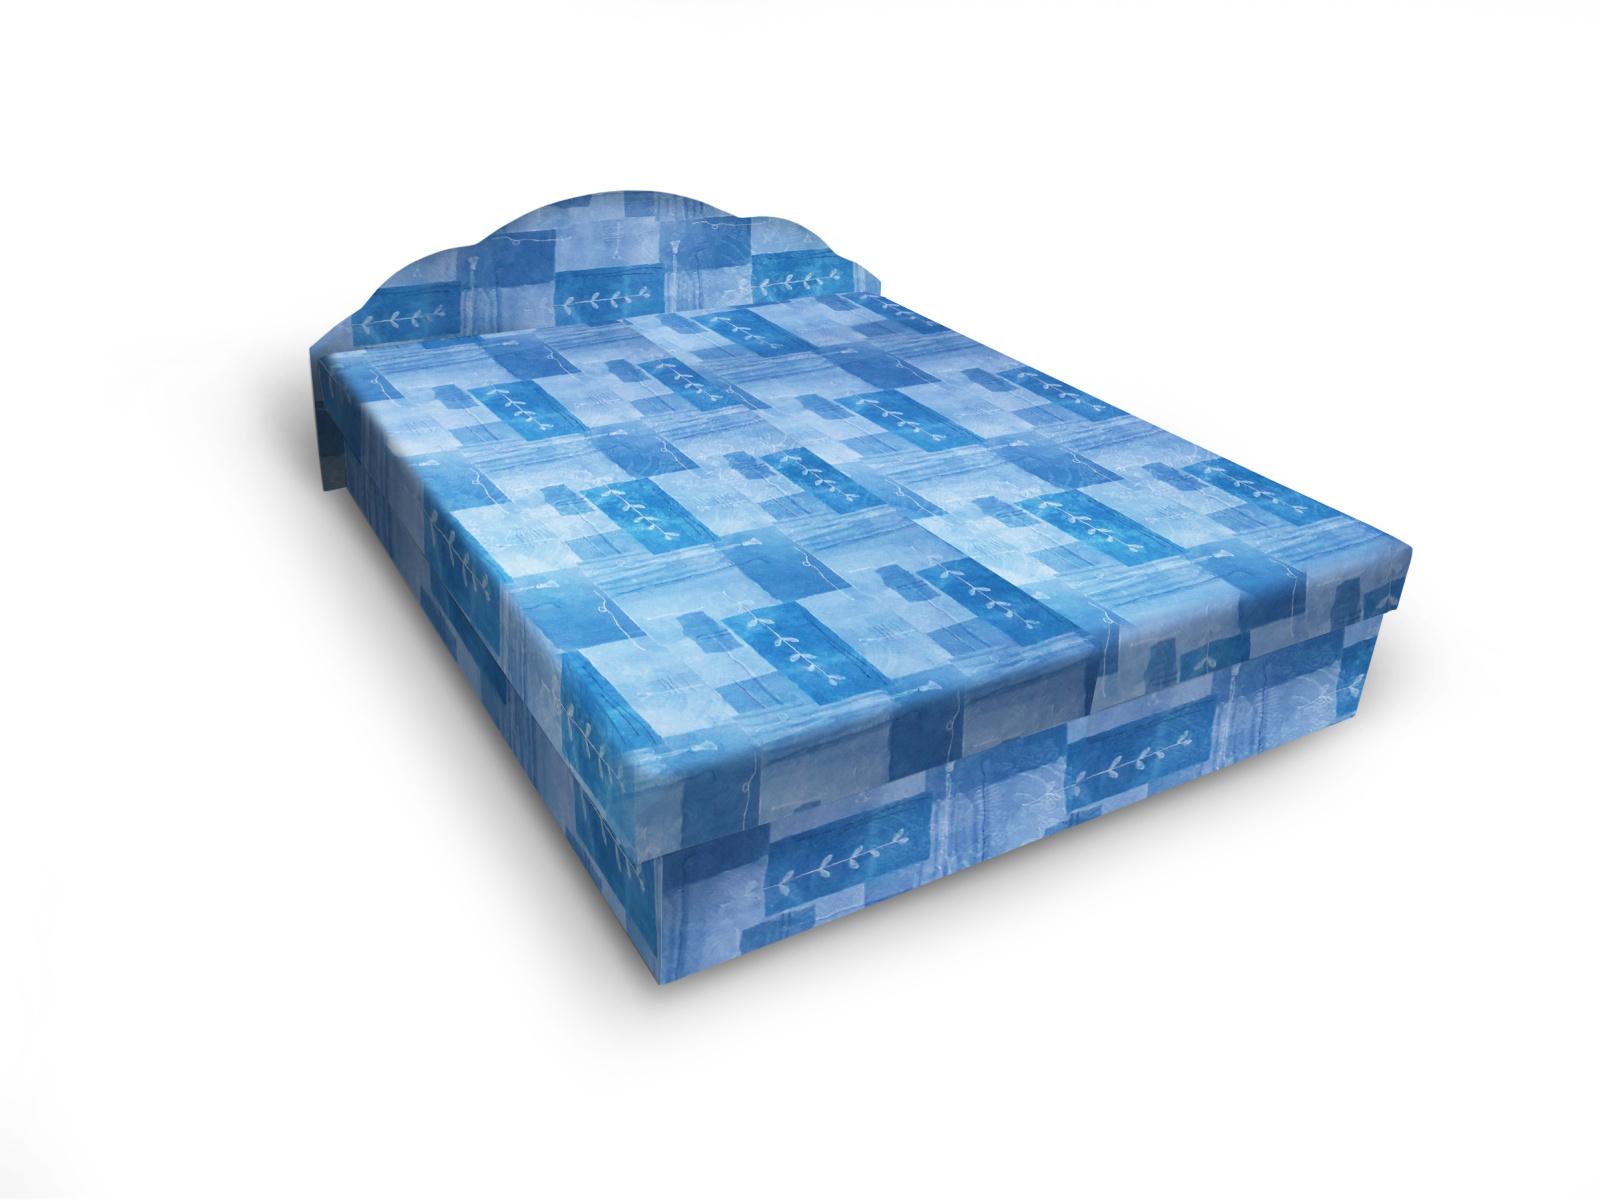 Smartshop Čalouněná postel JITKA 160x195 cm, modrá látka